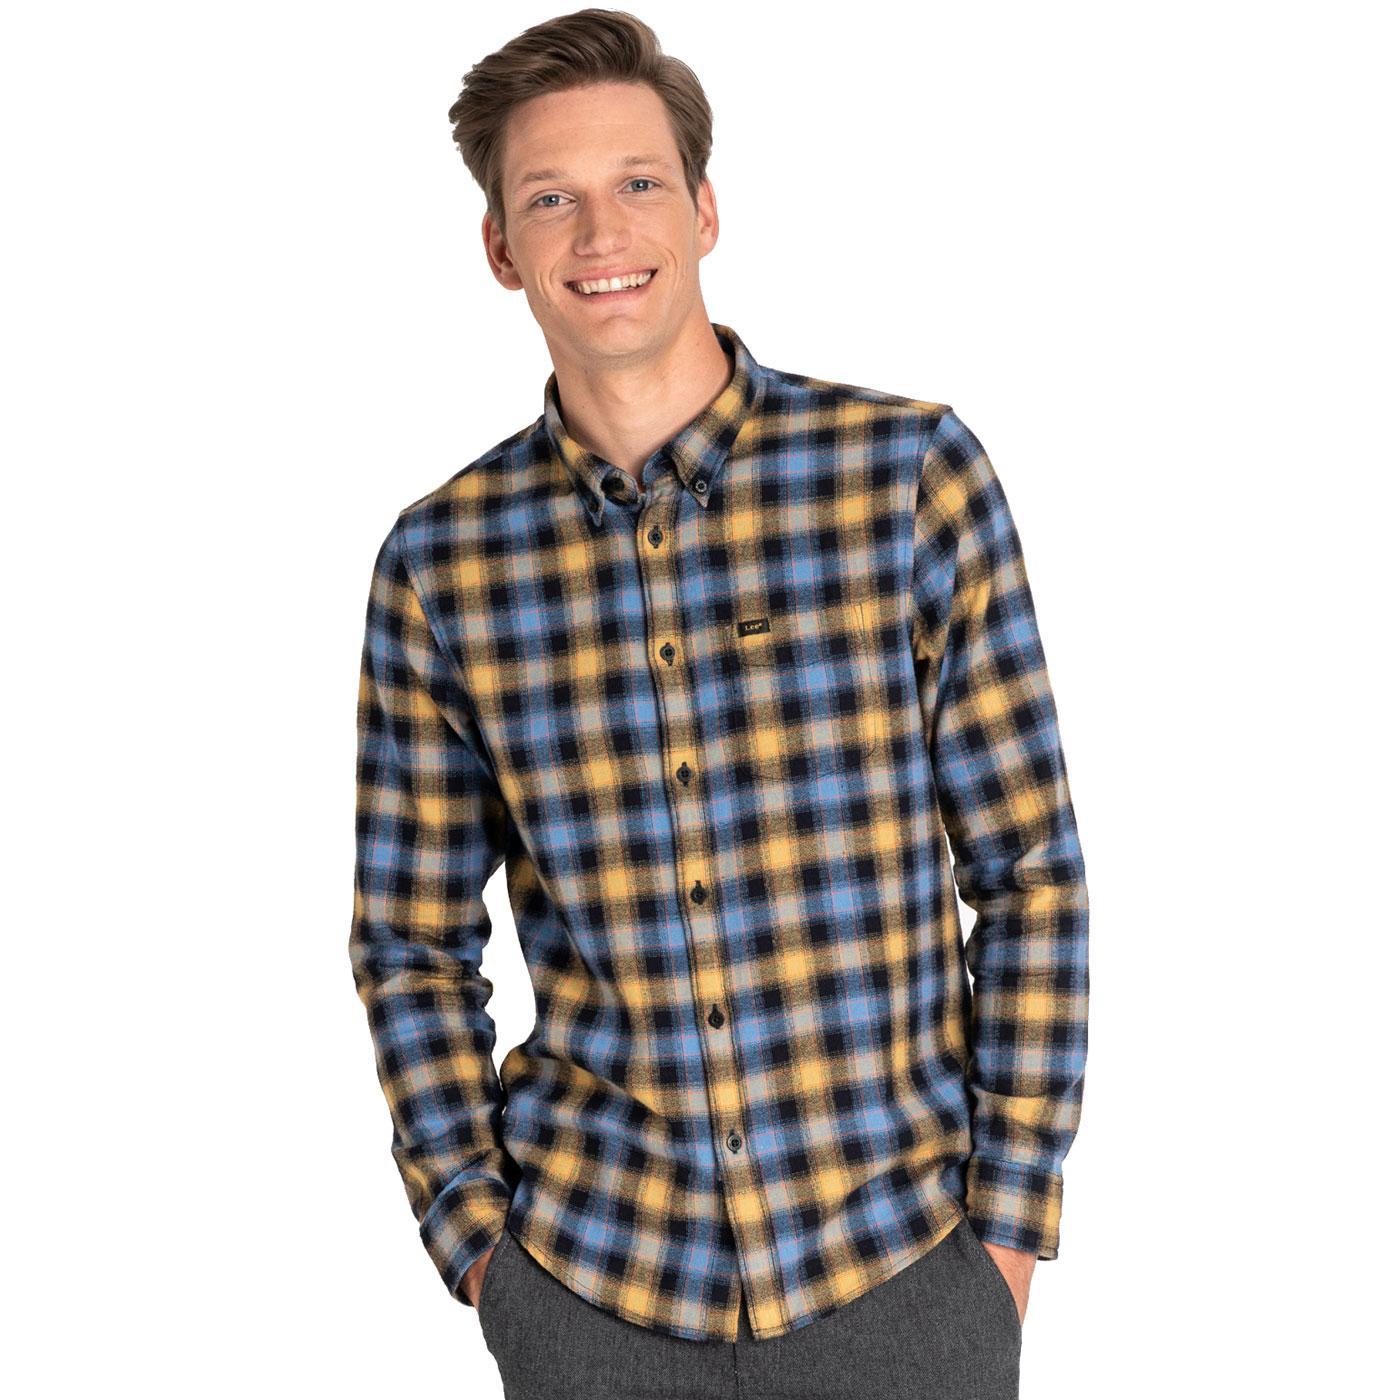 LEE JEANS Men's Retro Button Down Check Shirt FB